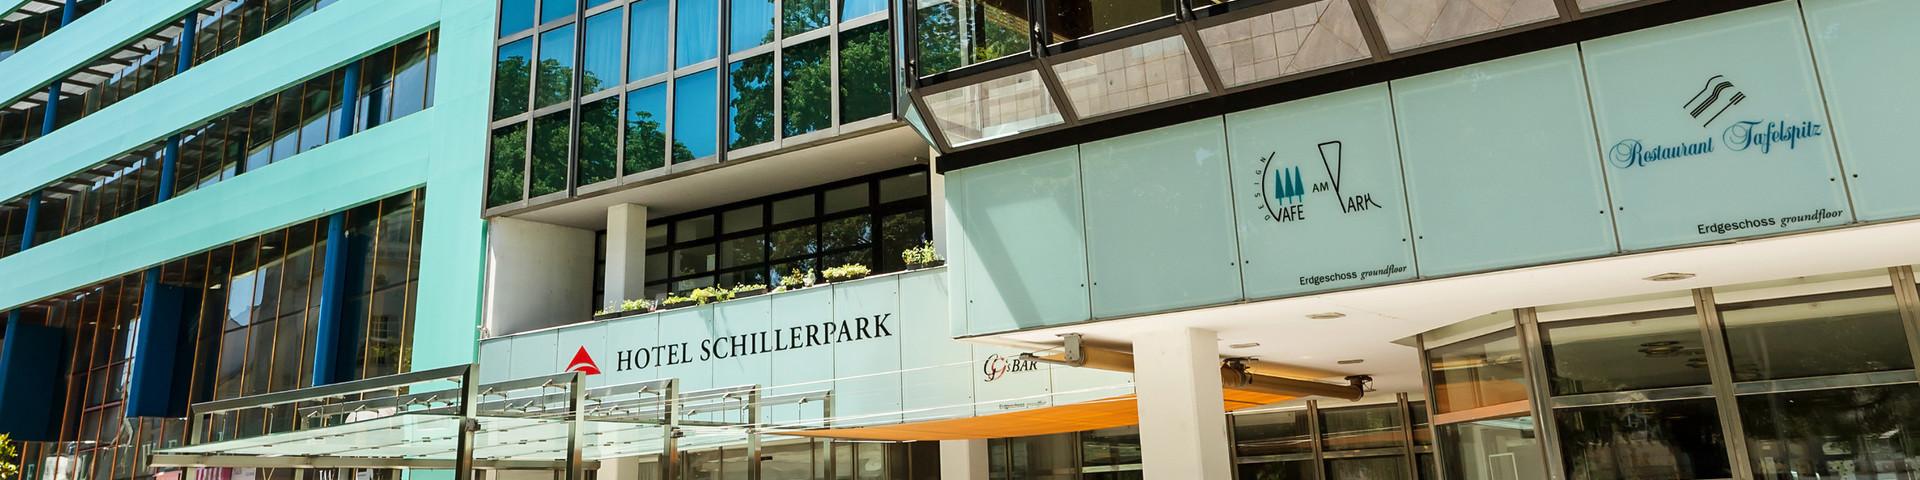 Hotel Schillerpark - Außenansicht 2 © Austria Trend Hotels